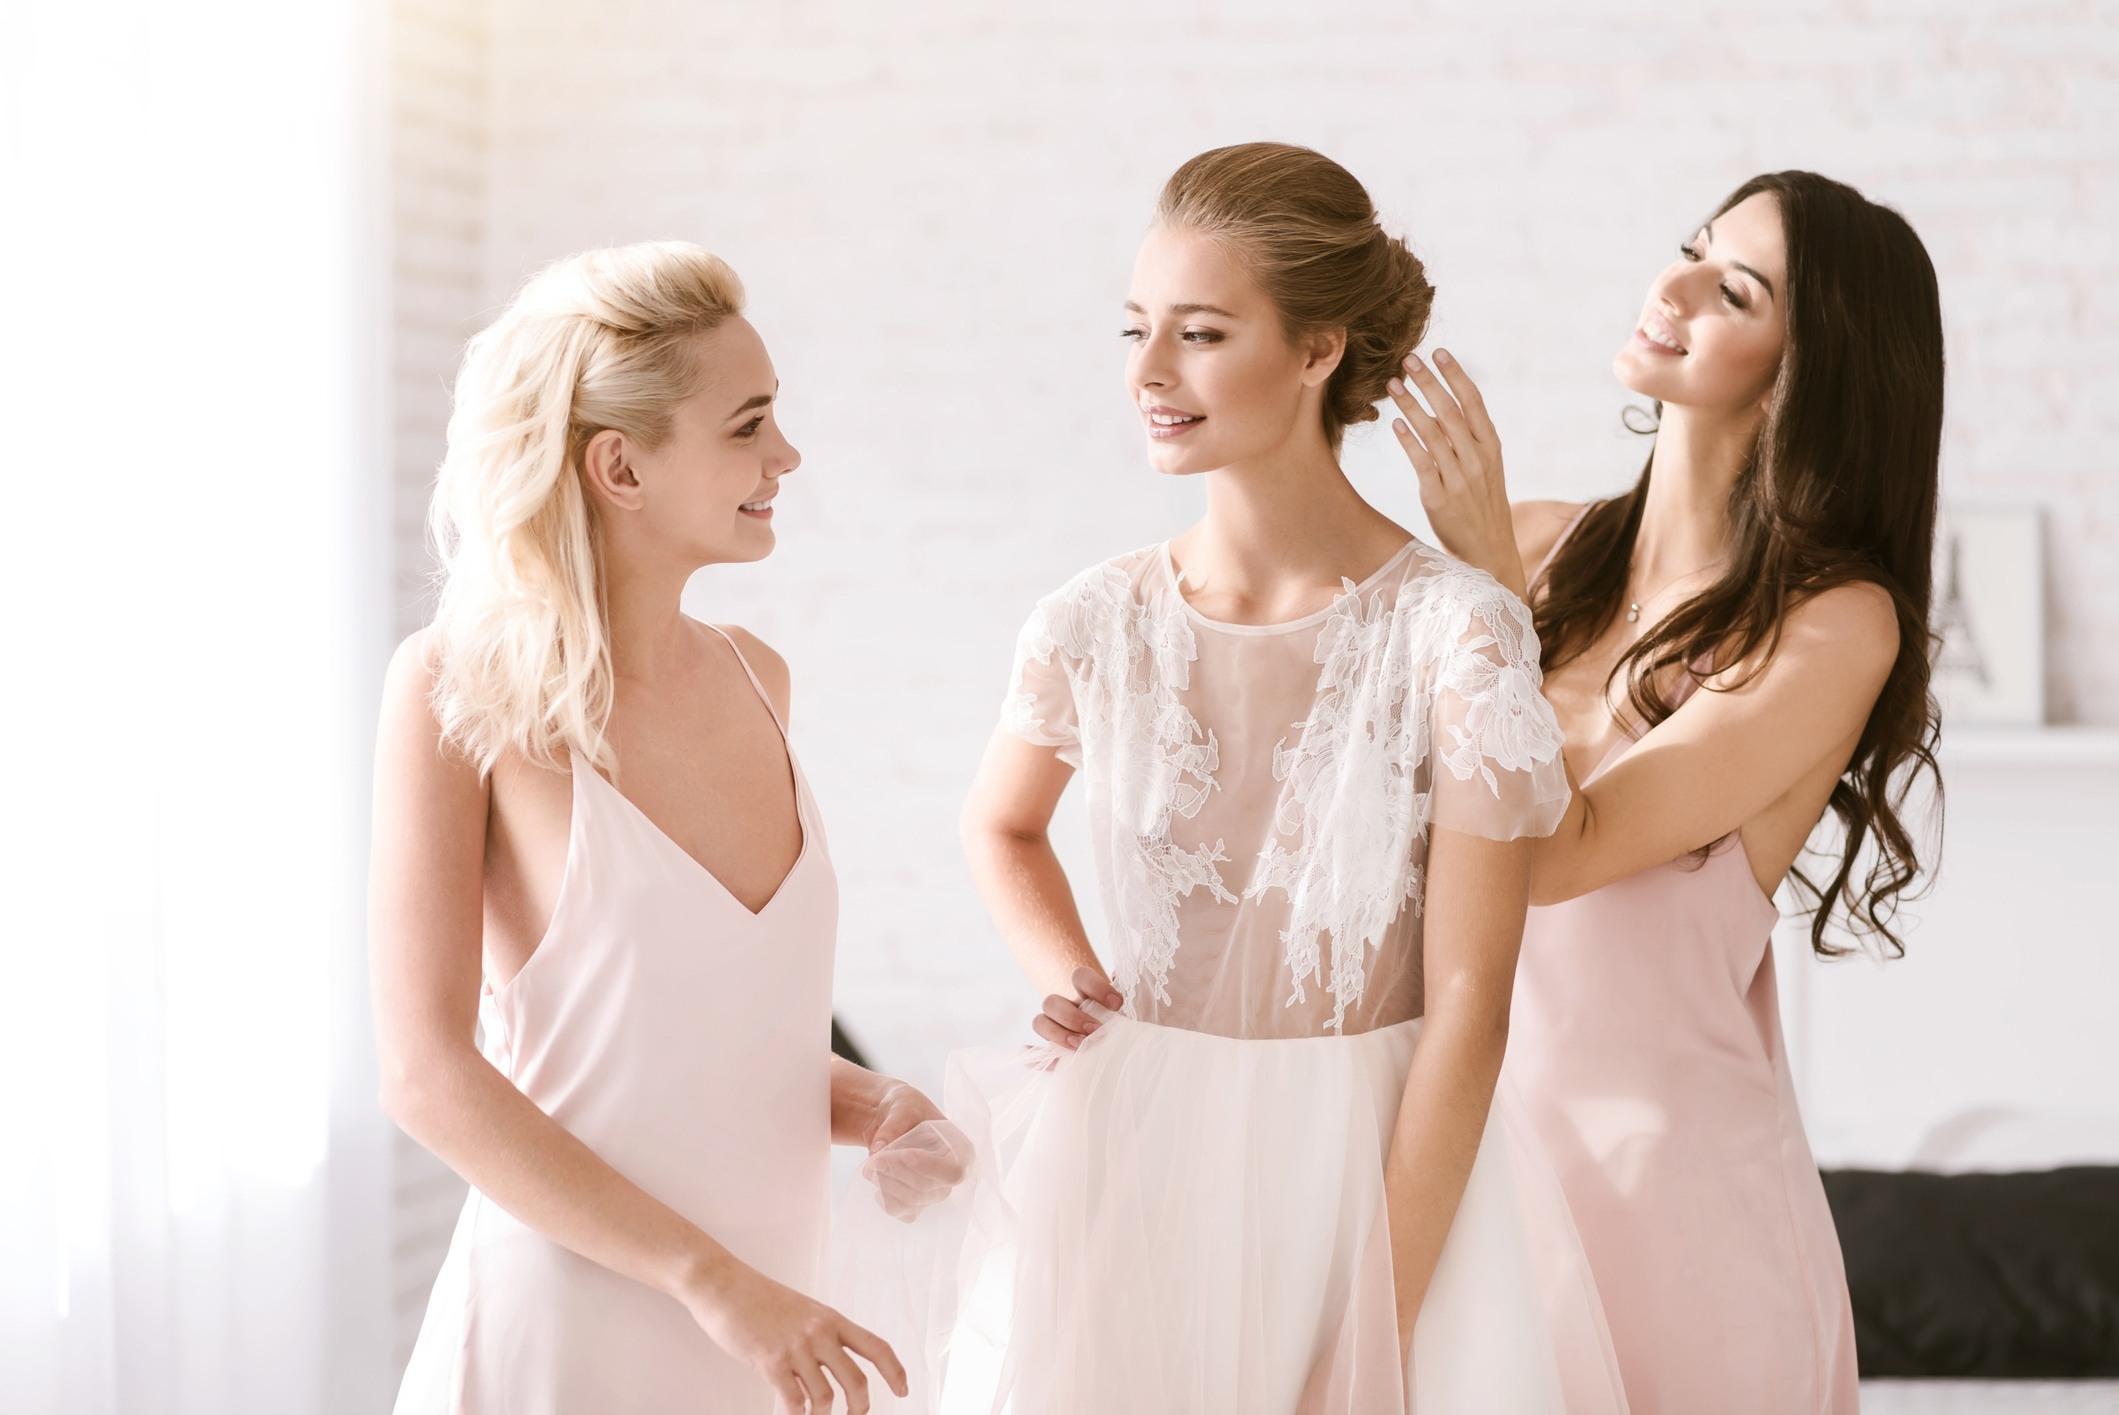 Kreativ Besondere Kleider Für Hochzeitsgäste Boutique10 Top Besondere Kleider Für Hochzeitsgäste Stylish